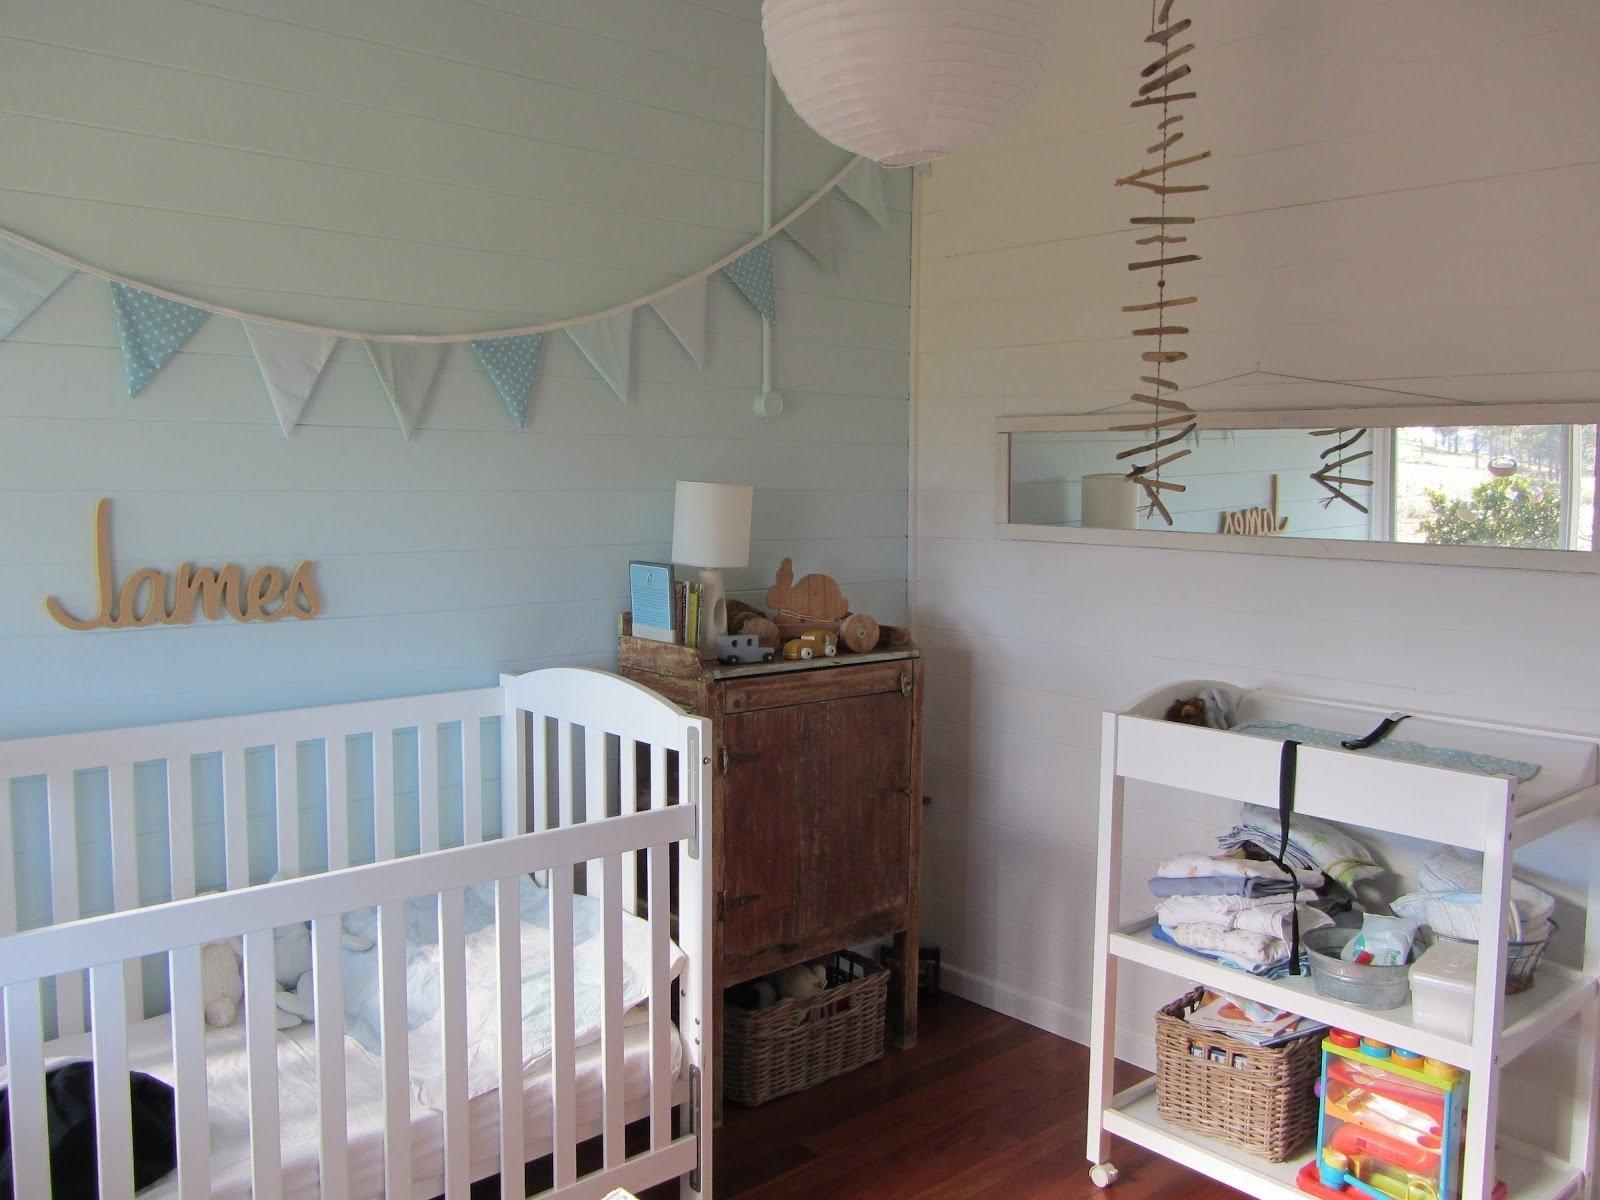 10 Unique Baby Boy Room Decor Ideas baby boy room designs battey spunch decor ideas of baby bedroom